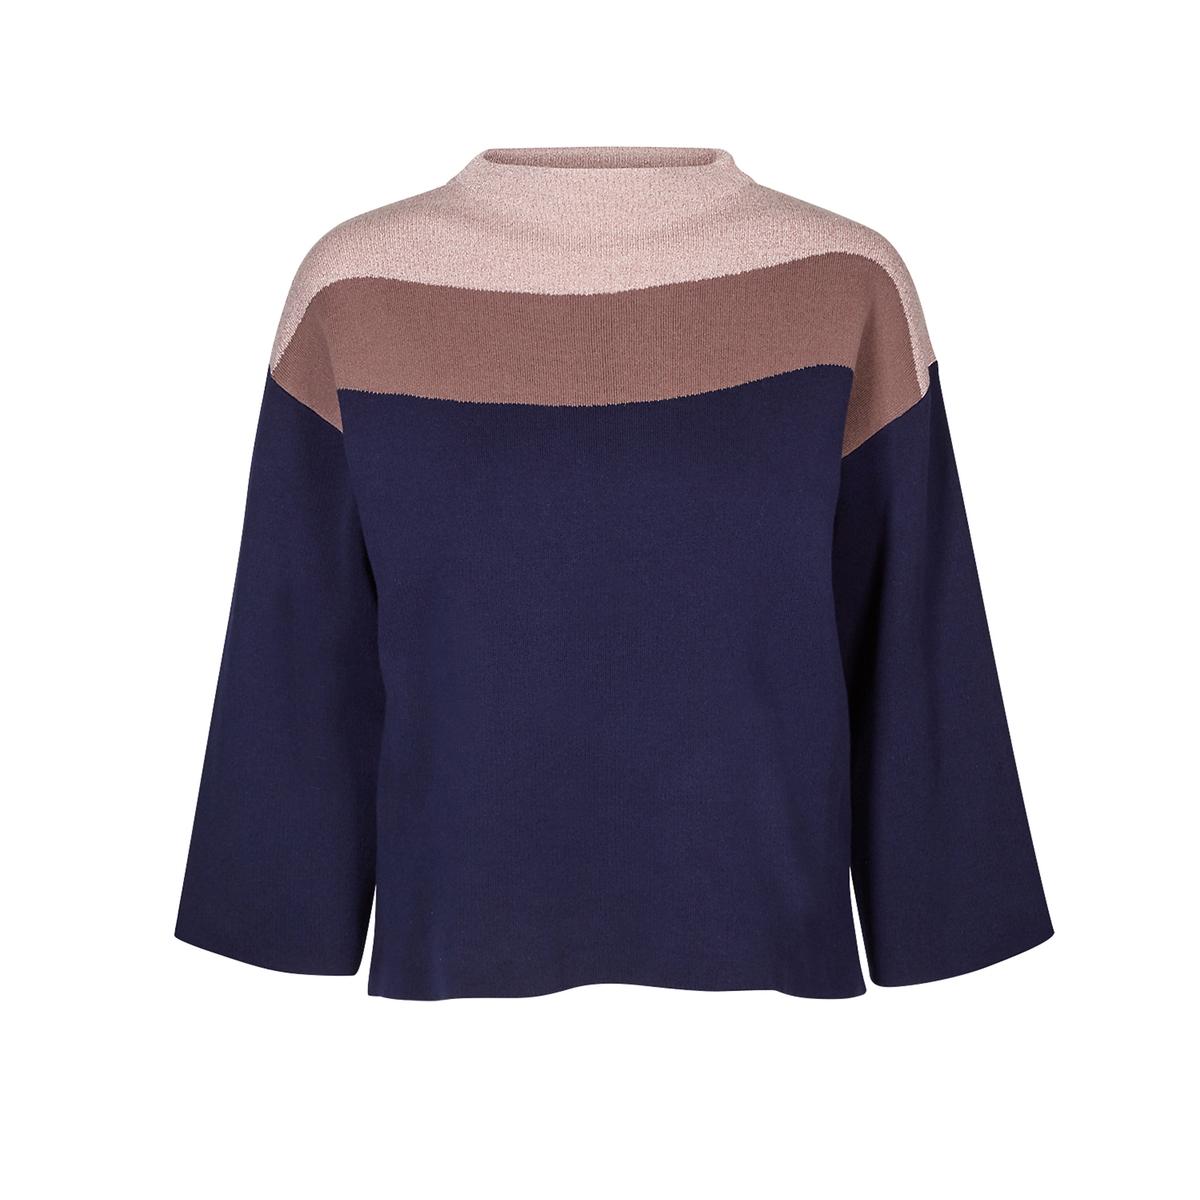 Пуловер трехцветныйОписание:Детали  •  Длинные рукава •  Круглый вырез •  Тонкий трикотаж  •  Рисунок в полоску  Состав и уход  •  97% хлопка, 3% эластана •  Следуйте советам по уходу, указанным на этикетке<br><br>Цвет: в полоску синий/розовый